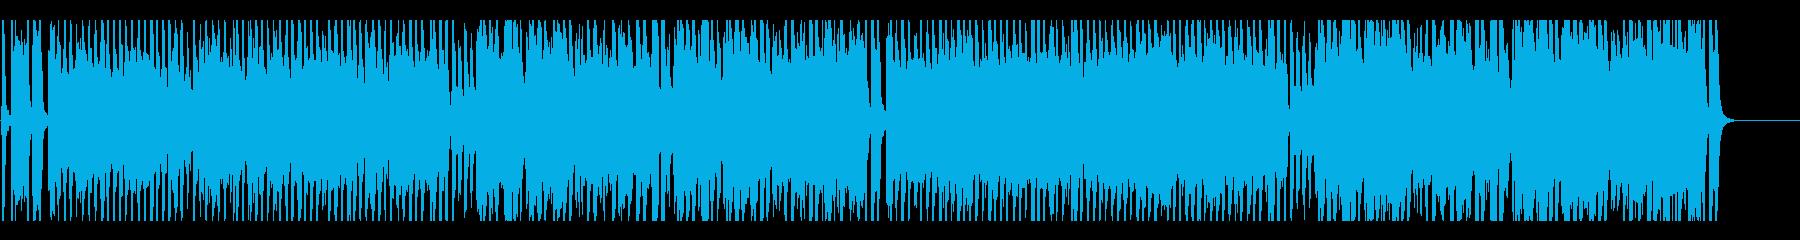 アルゼンチン 情熱 妖艶 ムード 大人の再生済みの波形